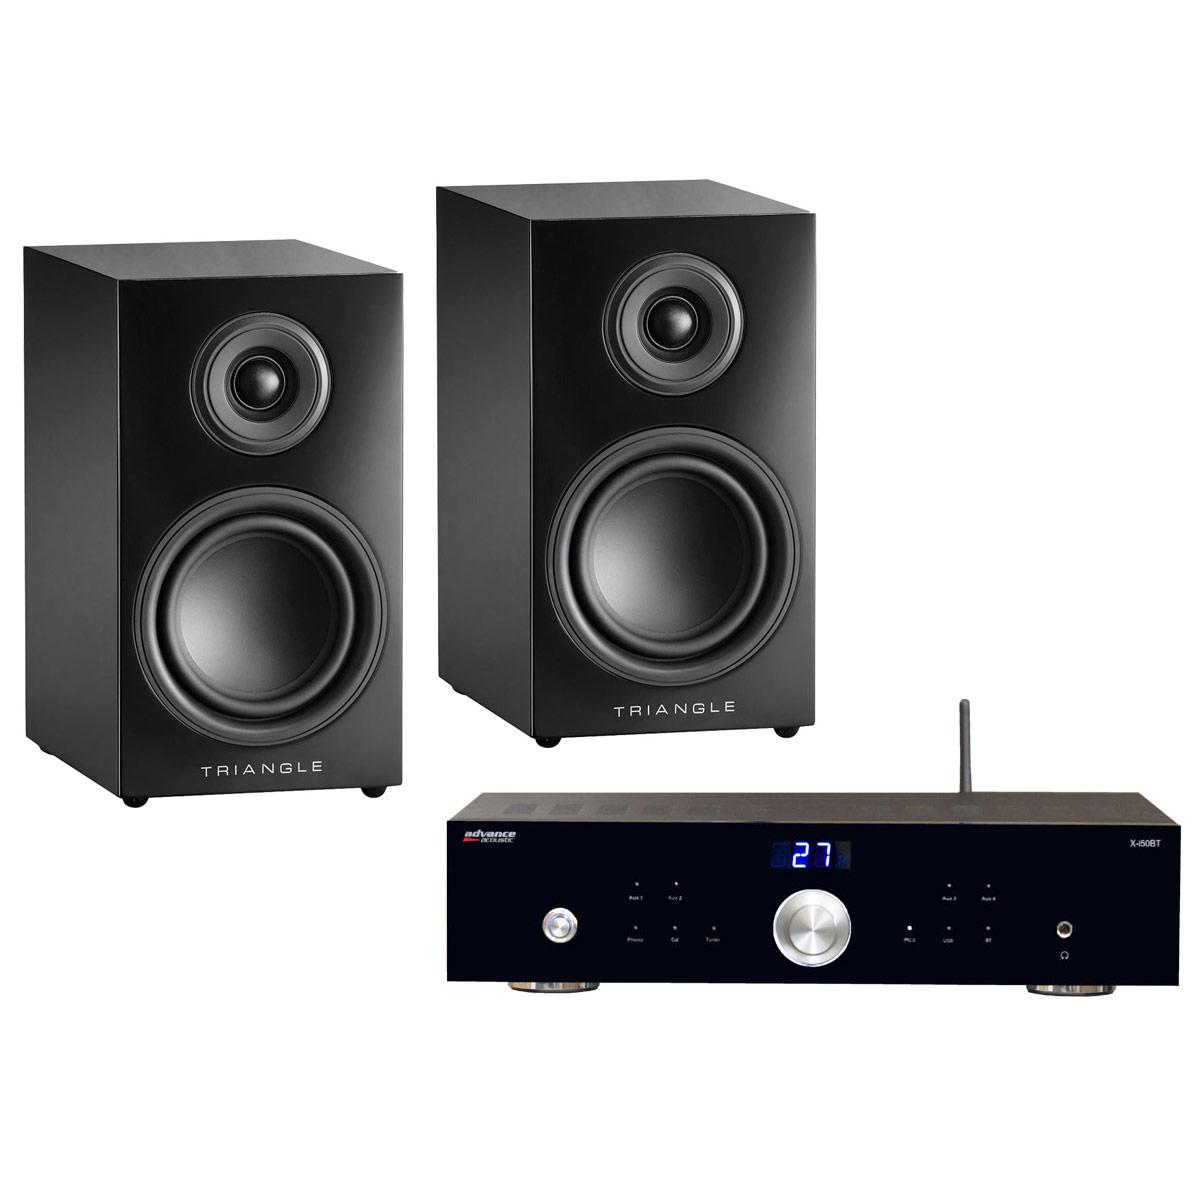 Ensemble Hifi Advance Acoustic X-i50BT + Triangle Elara LN01 Noir Laqué Amplificateur intégré 2 x 50 Watts avec DAC USB et Bluetooth + Enceinte bibliothèque compacte 50 W Bass-Reflex (par paire)